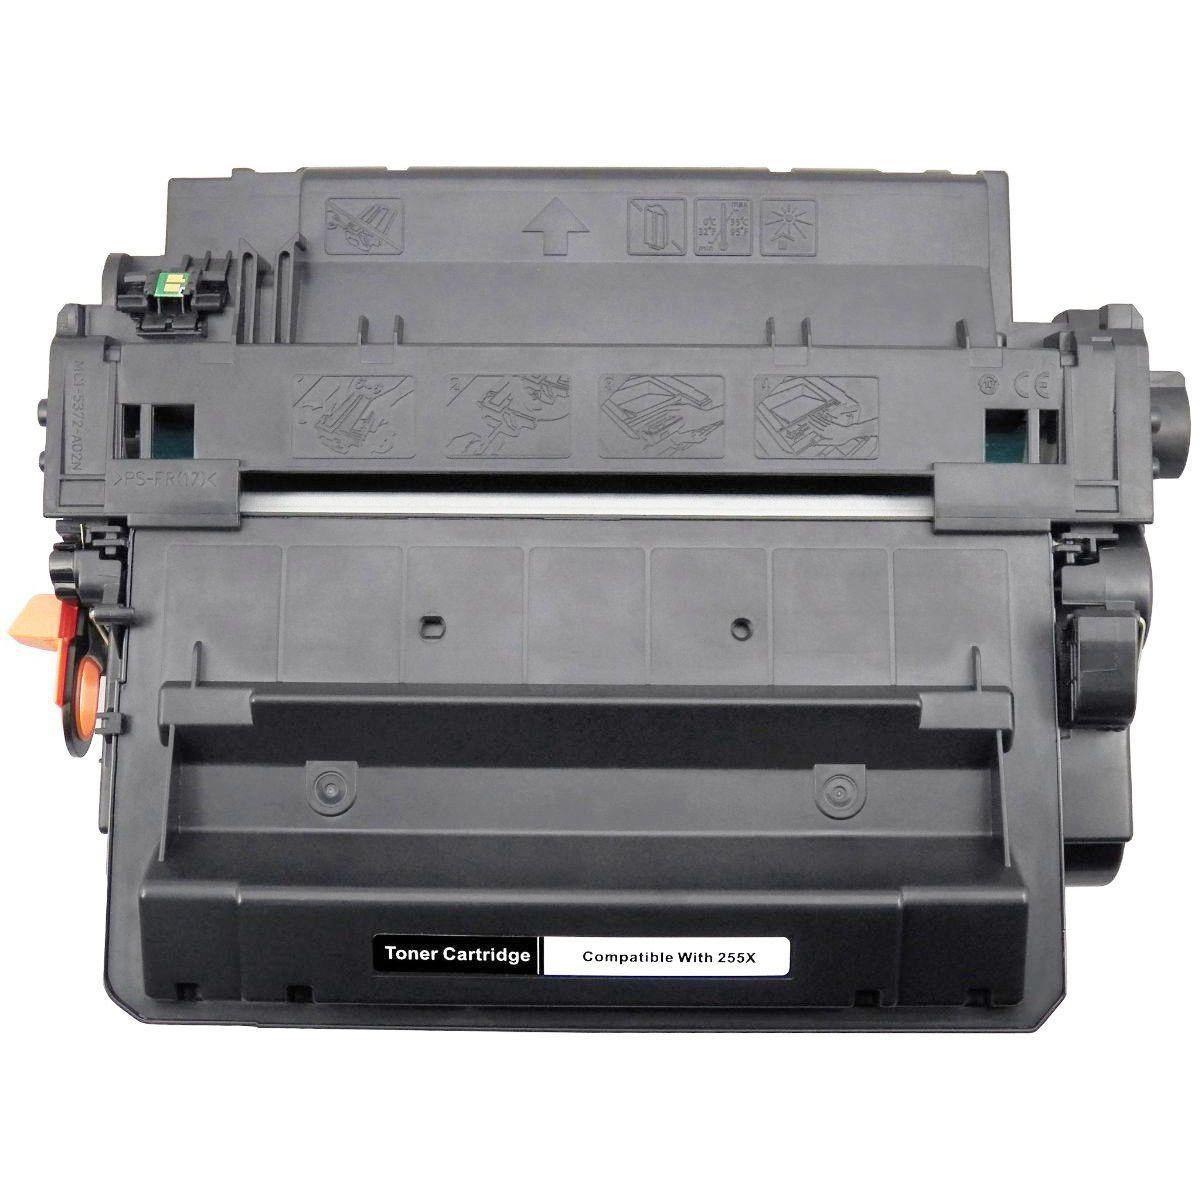 Compatível: Toner CE255X 55X para HP P3015 P3015n P3015d P3015dn M525dn M525f M525mfp M525 M521dn / Preto / 12.500